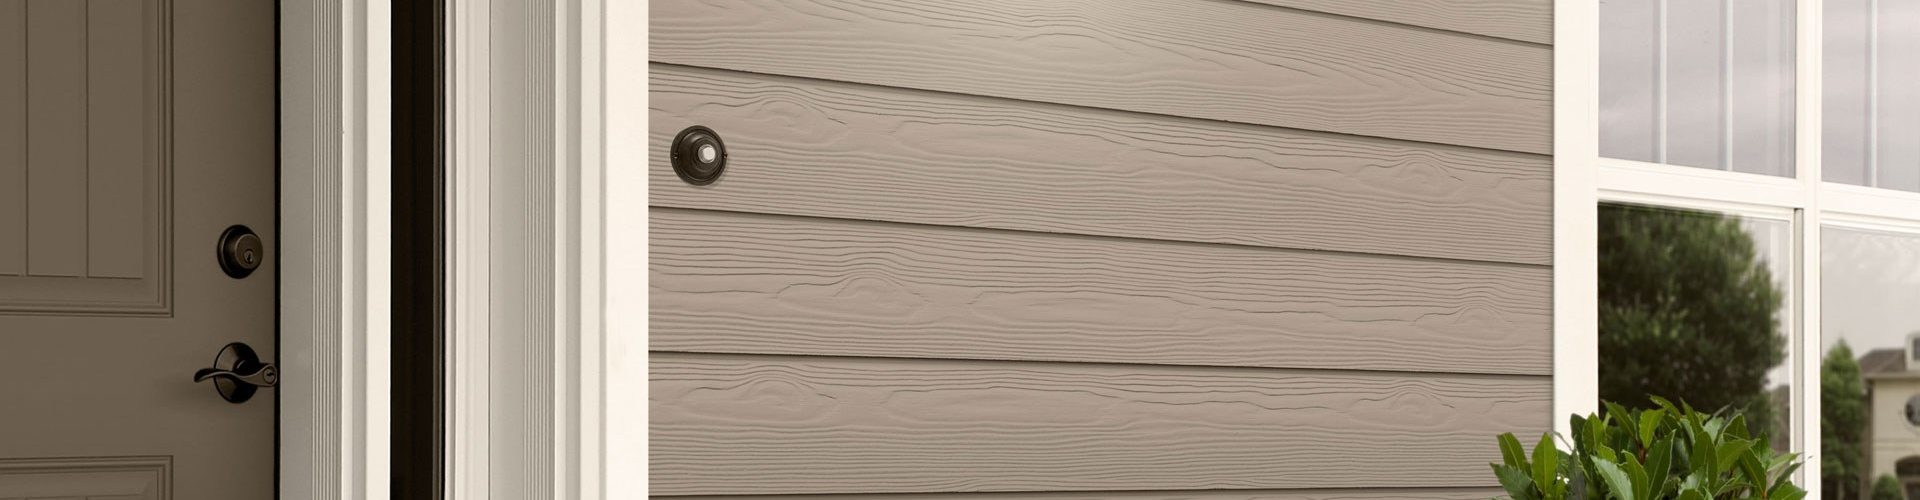 Cedral Classic C03 Õrn maa - ülekattega puidumustriga voodrilaud